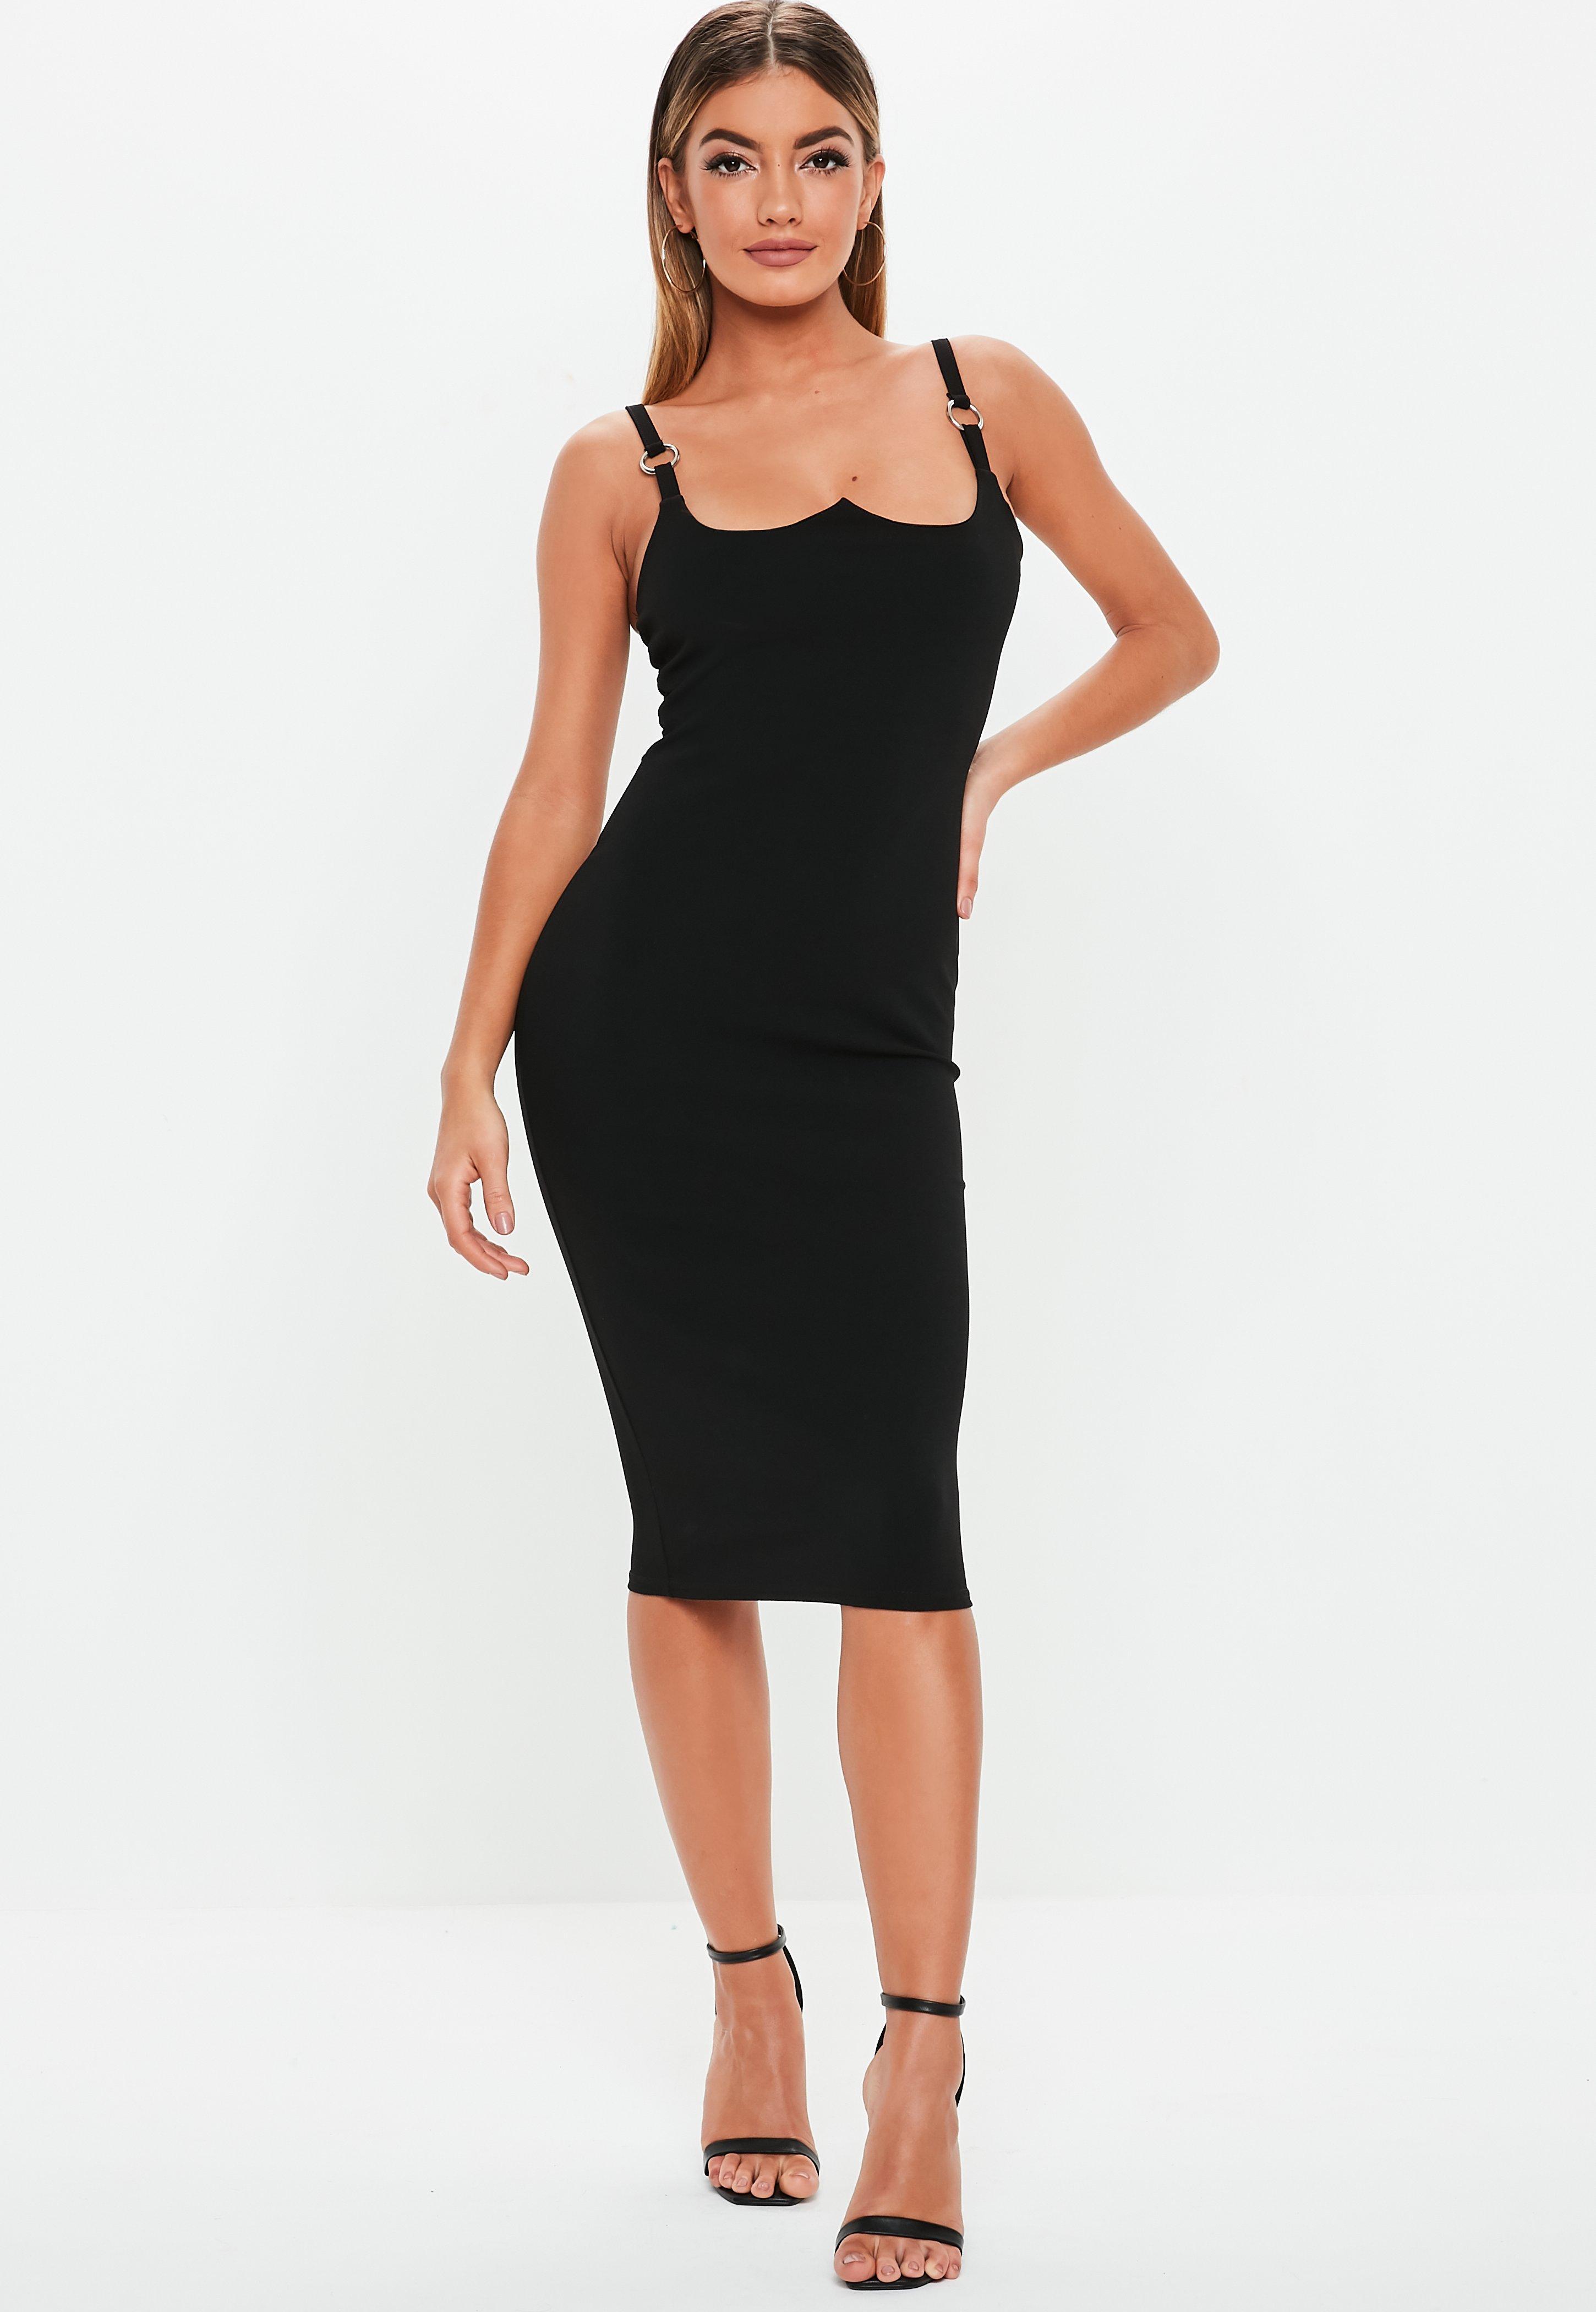 af22ca5464050 Robes   Robe chic femme en ligne 2019 - Missguided